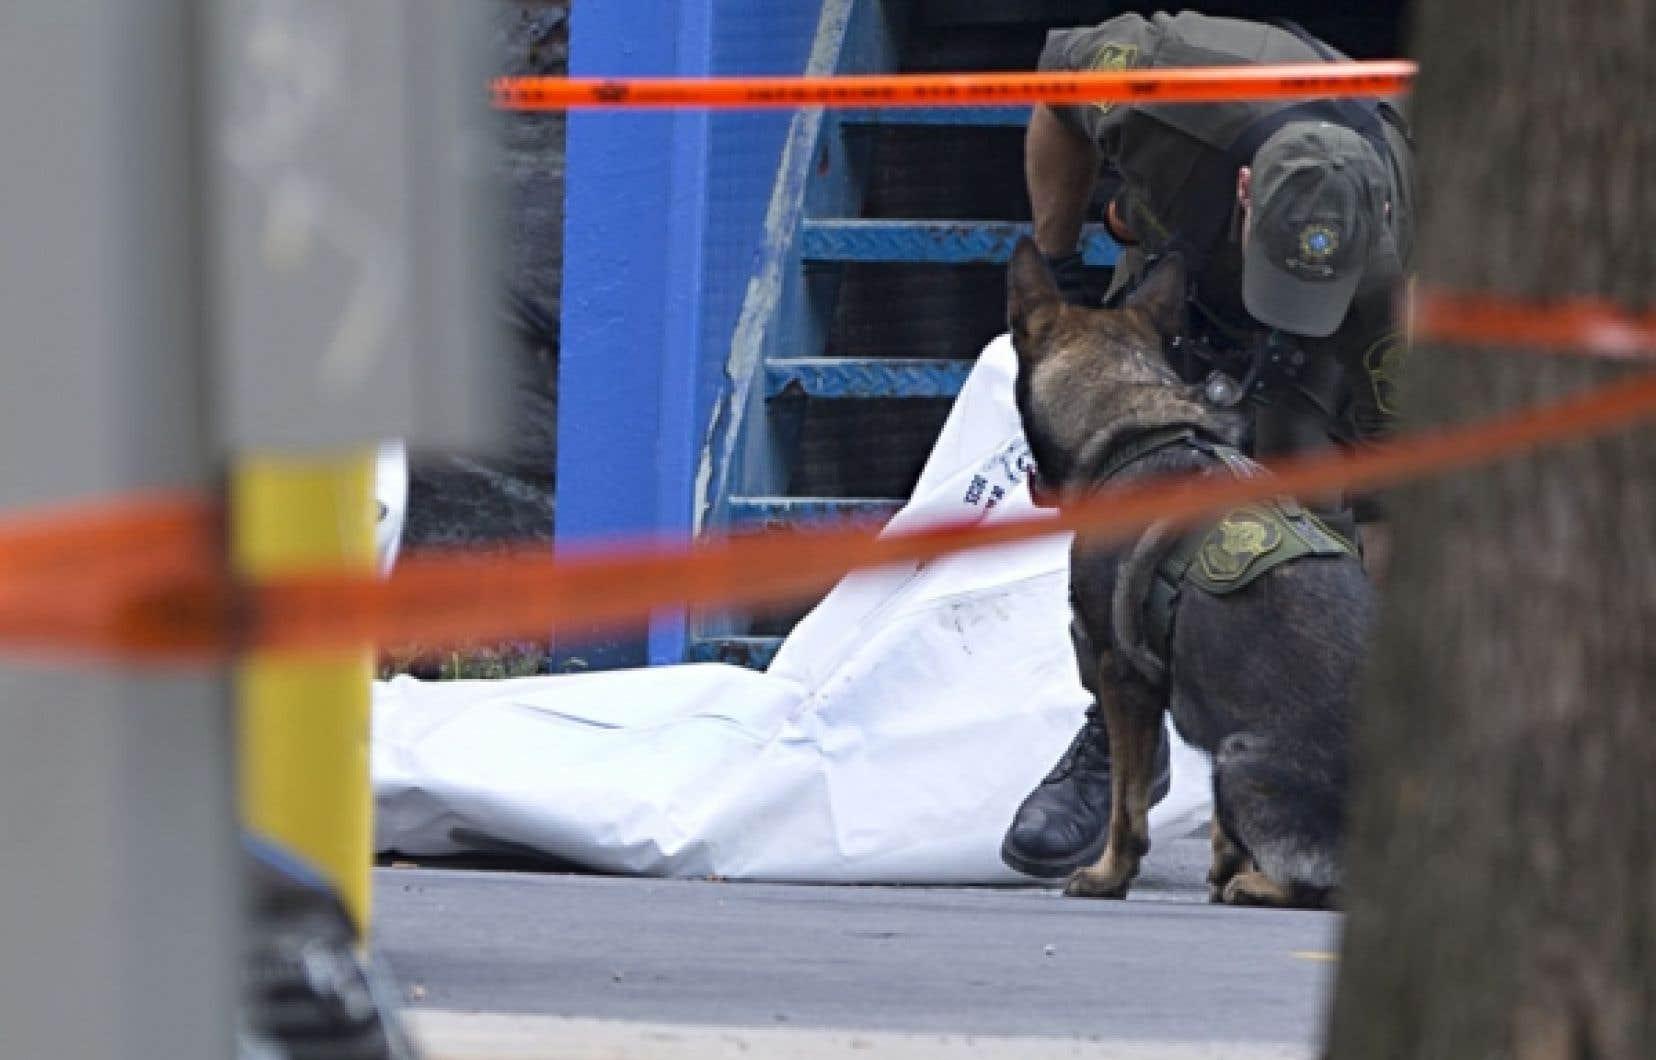 Les policiers ont dressé un périmètre de sécurité sur les lieux de l'incident au cours duquel un homme d'une quarantaine d'années est décédé. Richard Henry Bain devrait également être interrogé, alors que le mobile de ce geste n'a pas encore été établi par les policiers.